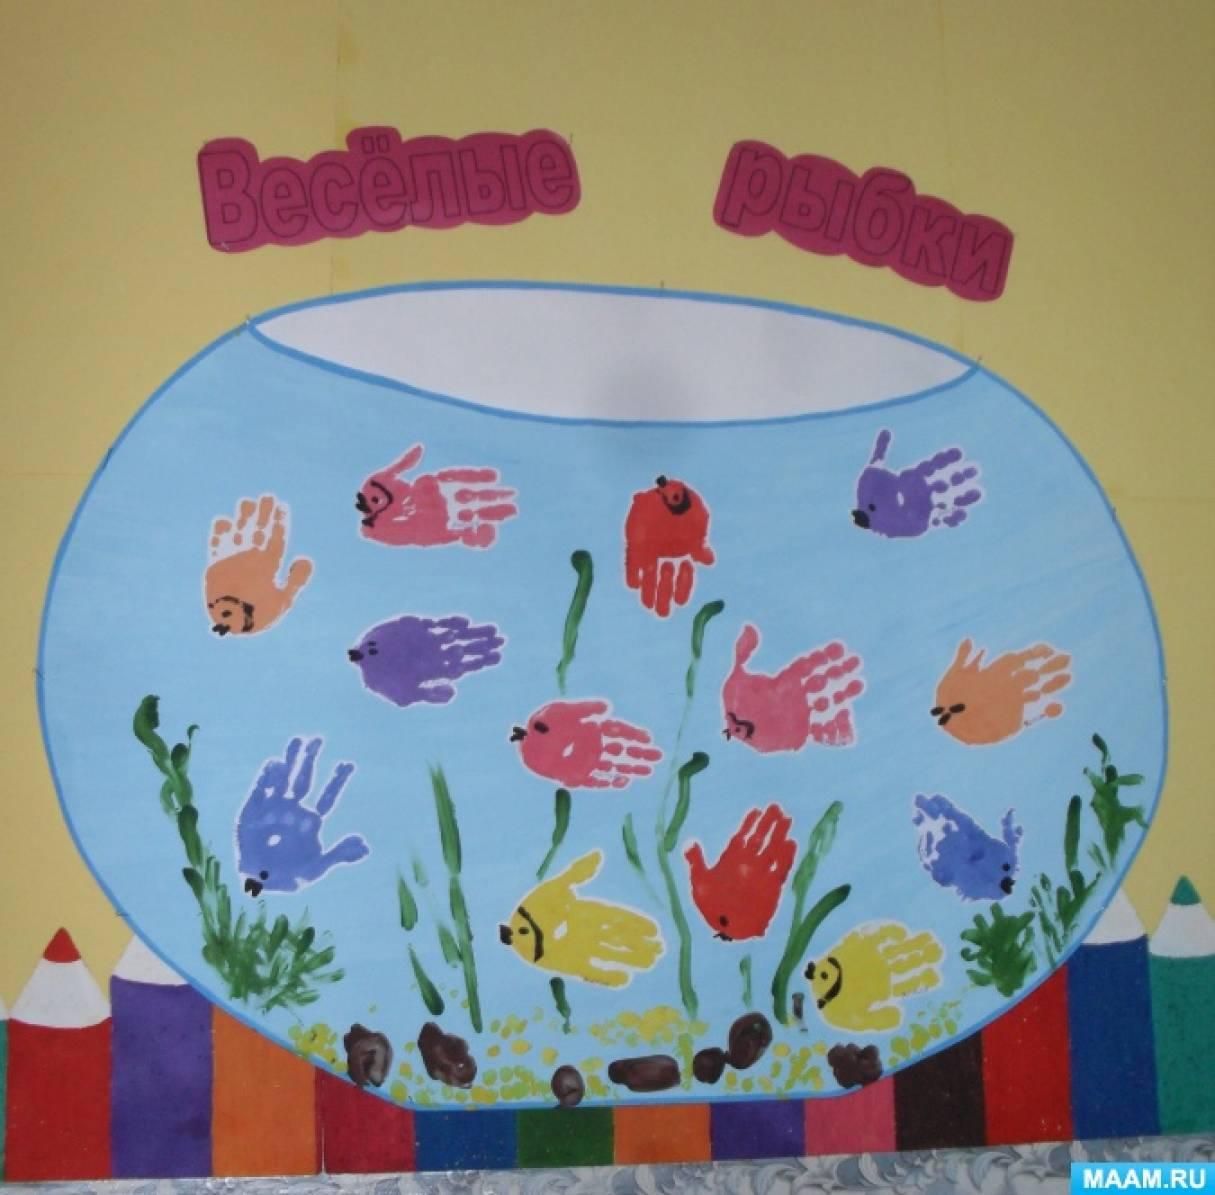 Конспект занятия «Веселые рыбки»